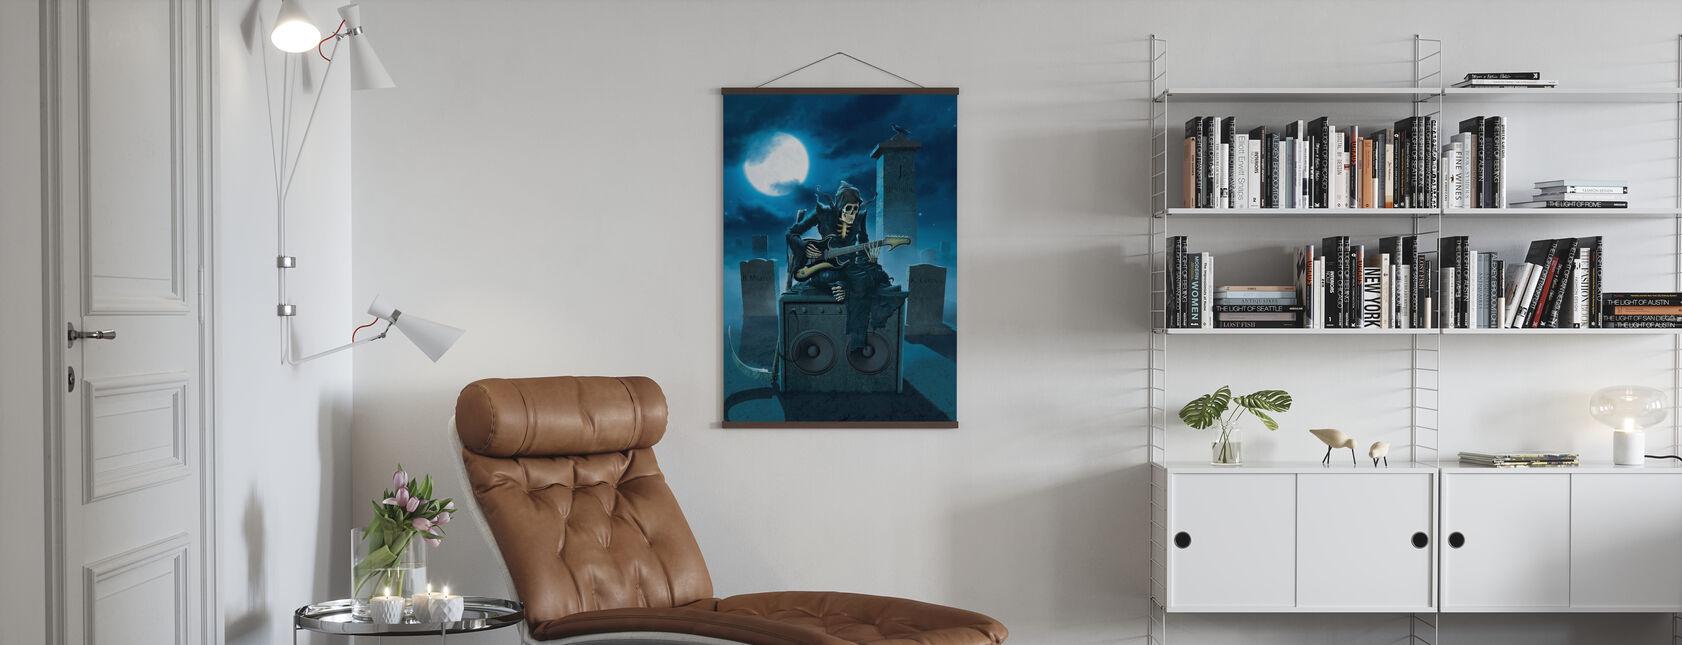 Tribut - Poster - Wohnzimmer